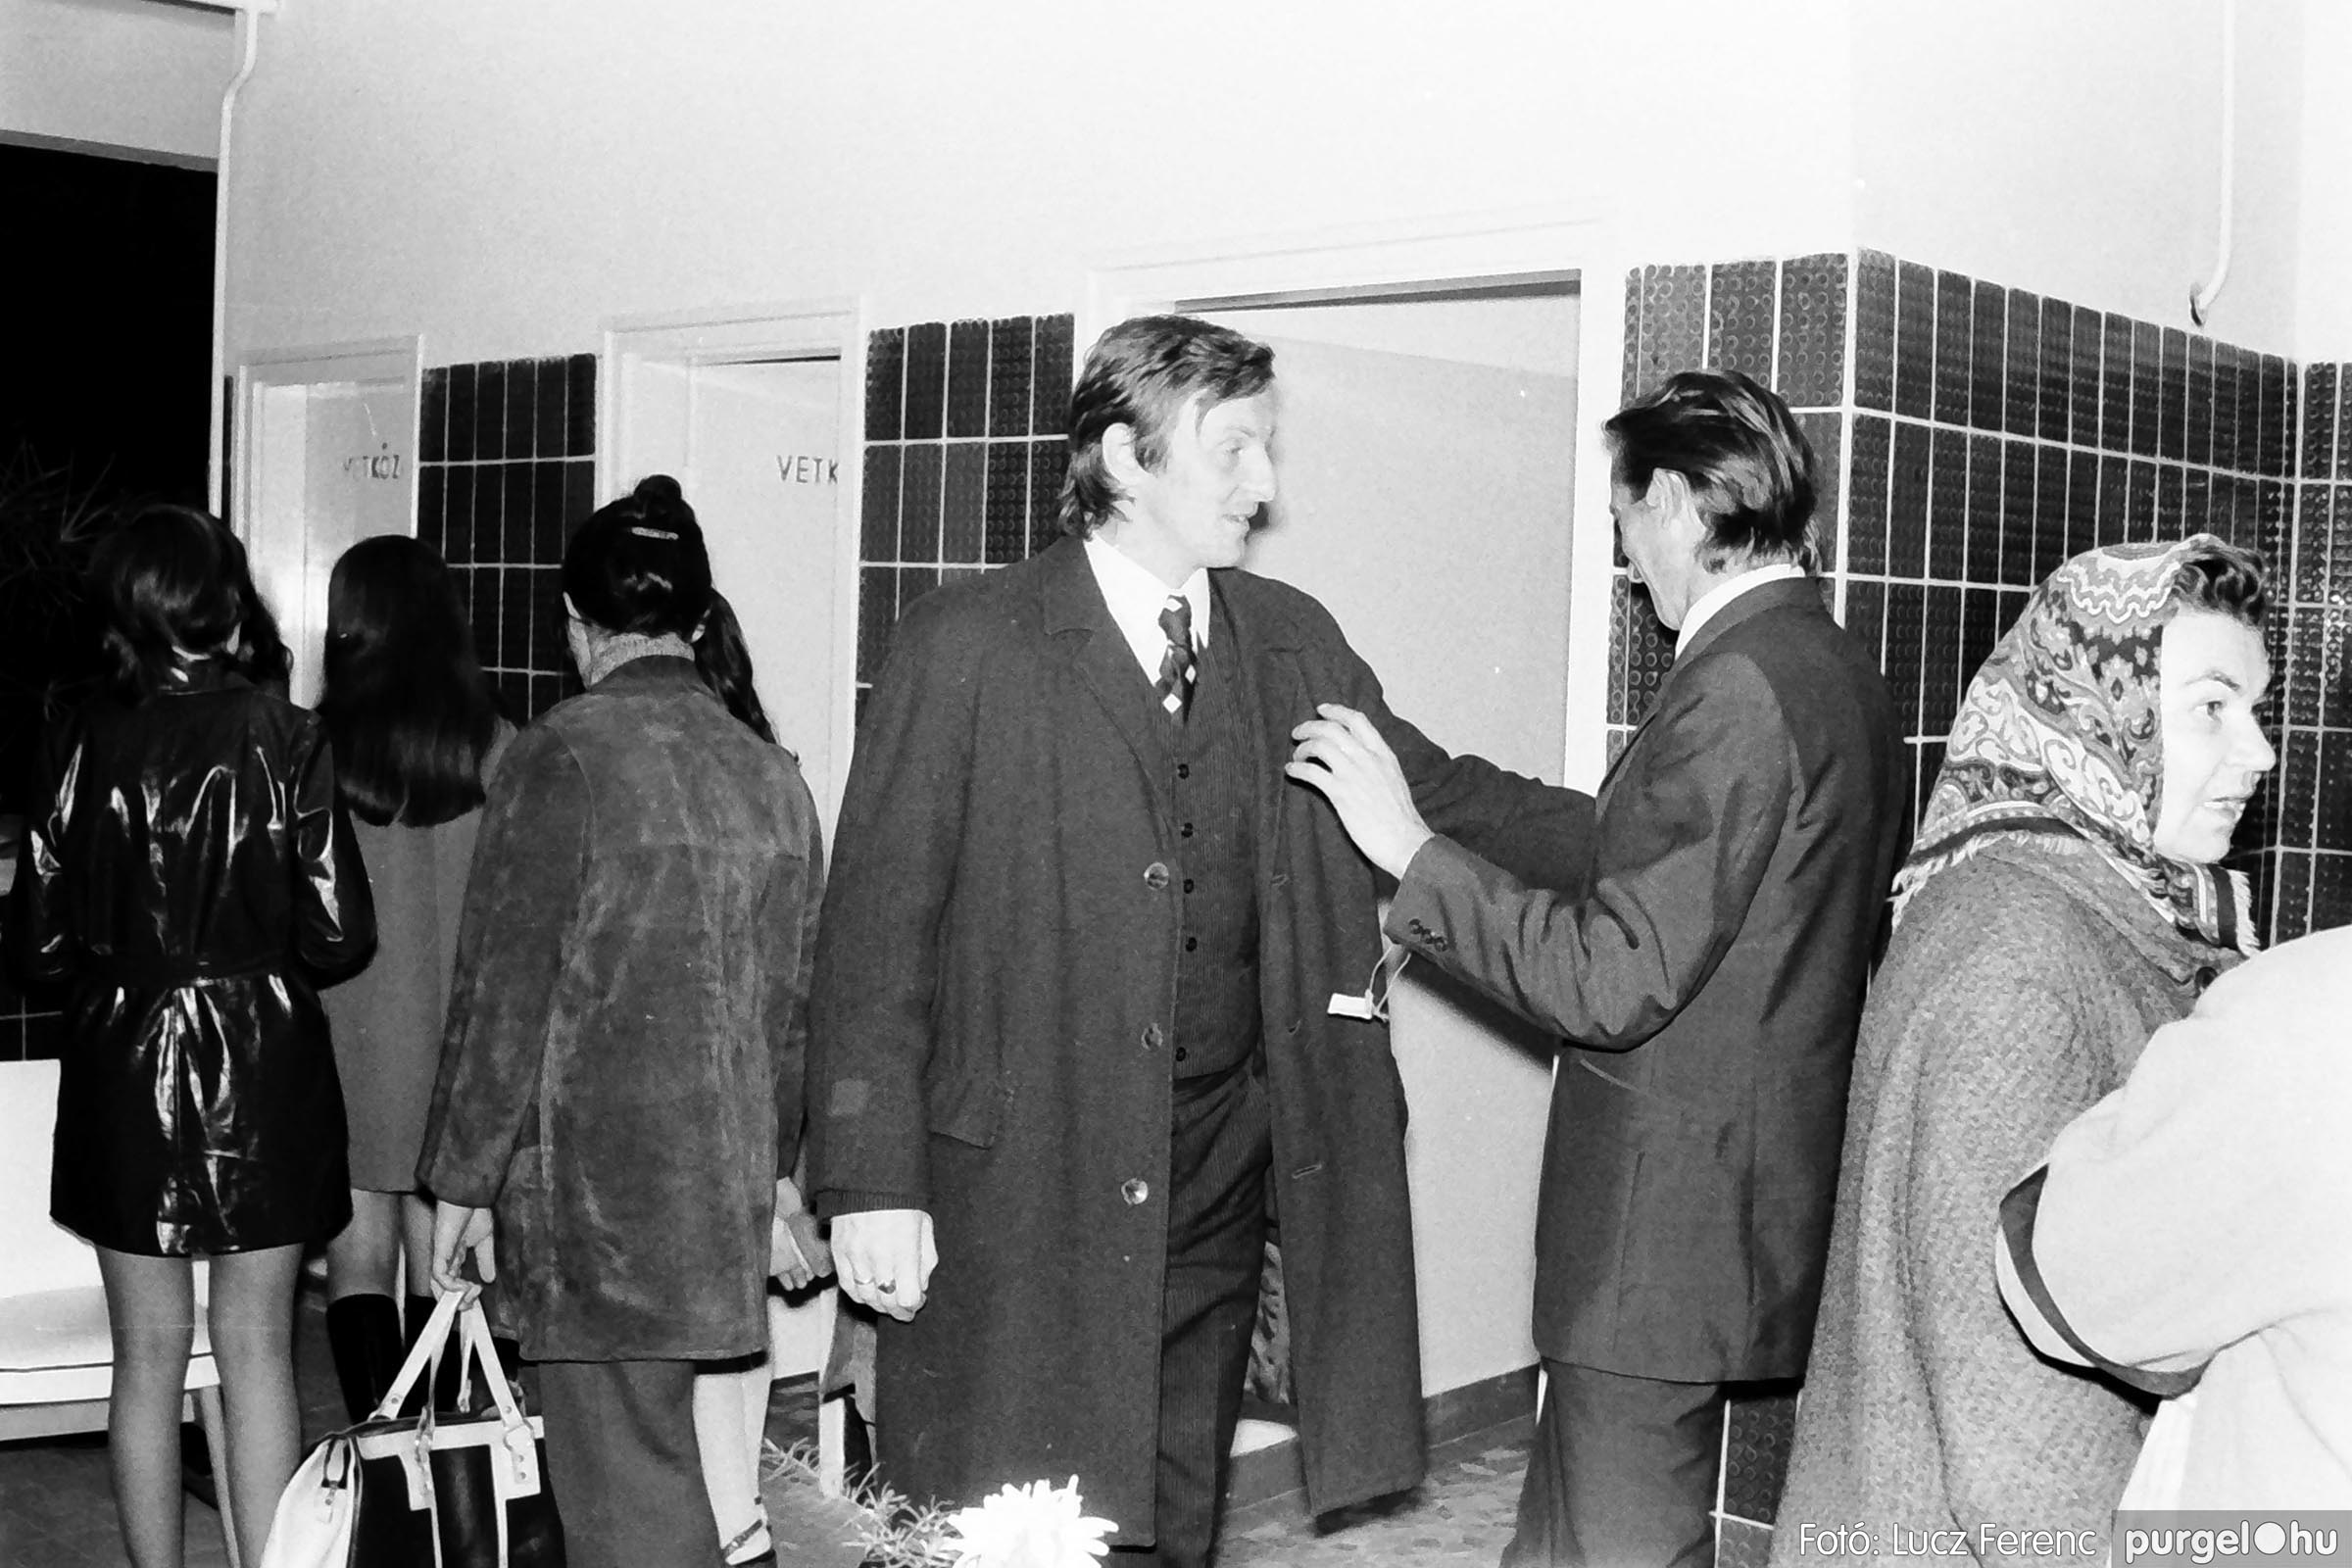 002 1970-es évek - Orvosi rendelő épületének átadása 018 - Fotó: Lucz Ferenc - IMG01116q.jpg